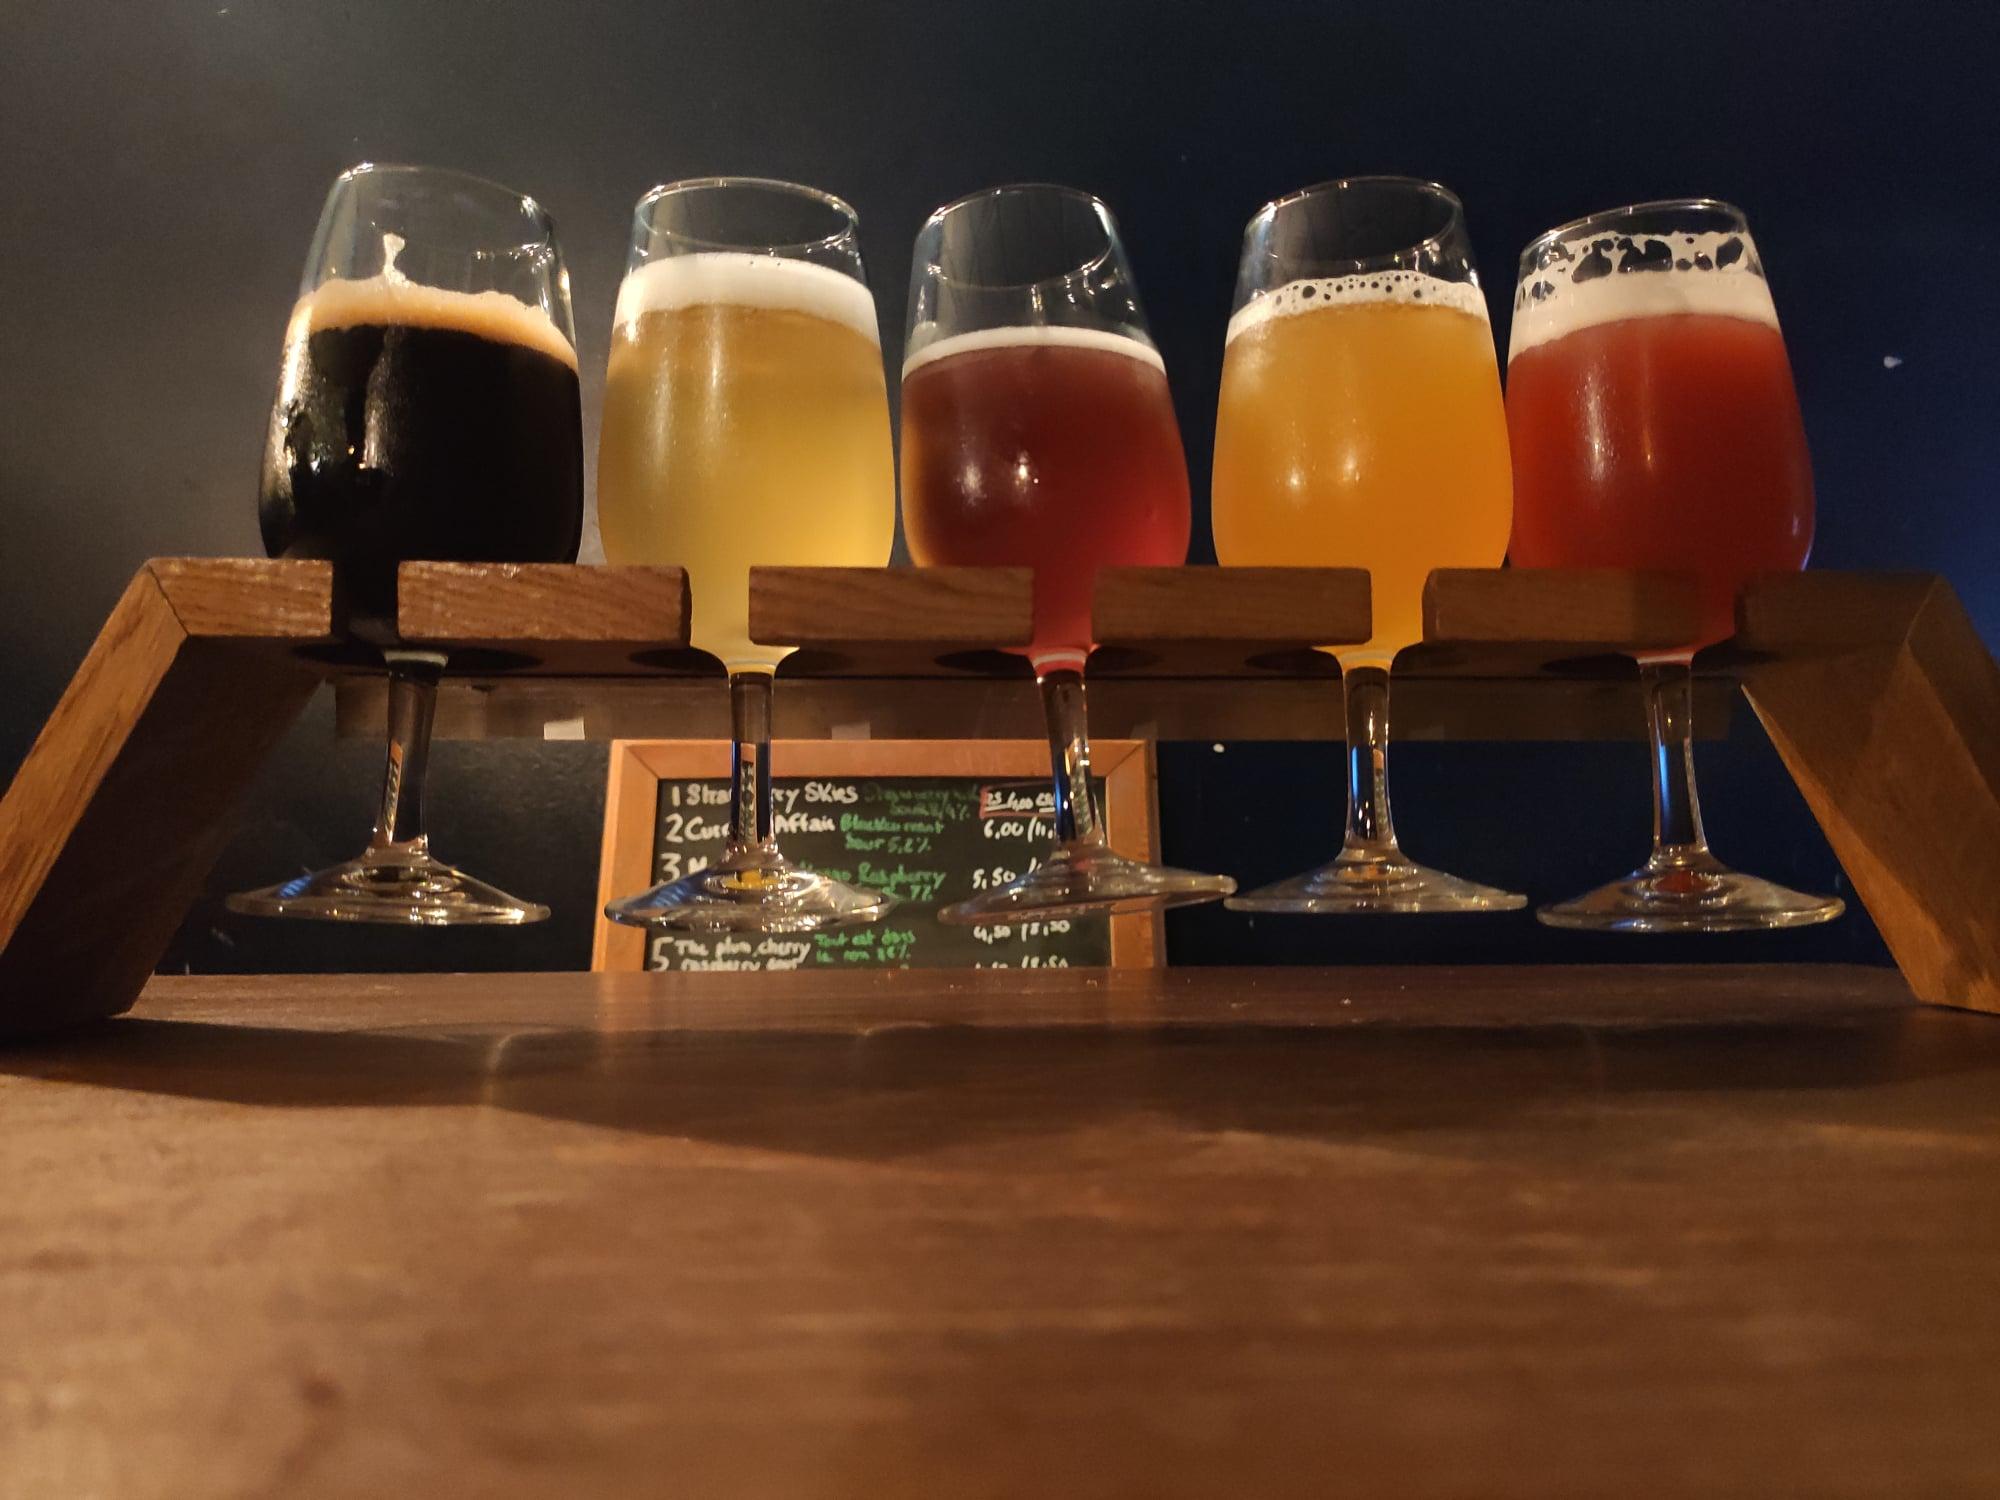 Sélection de bières au bar Hoppy Corner à Paris